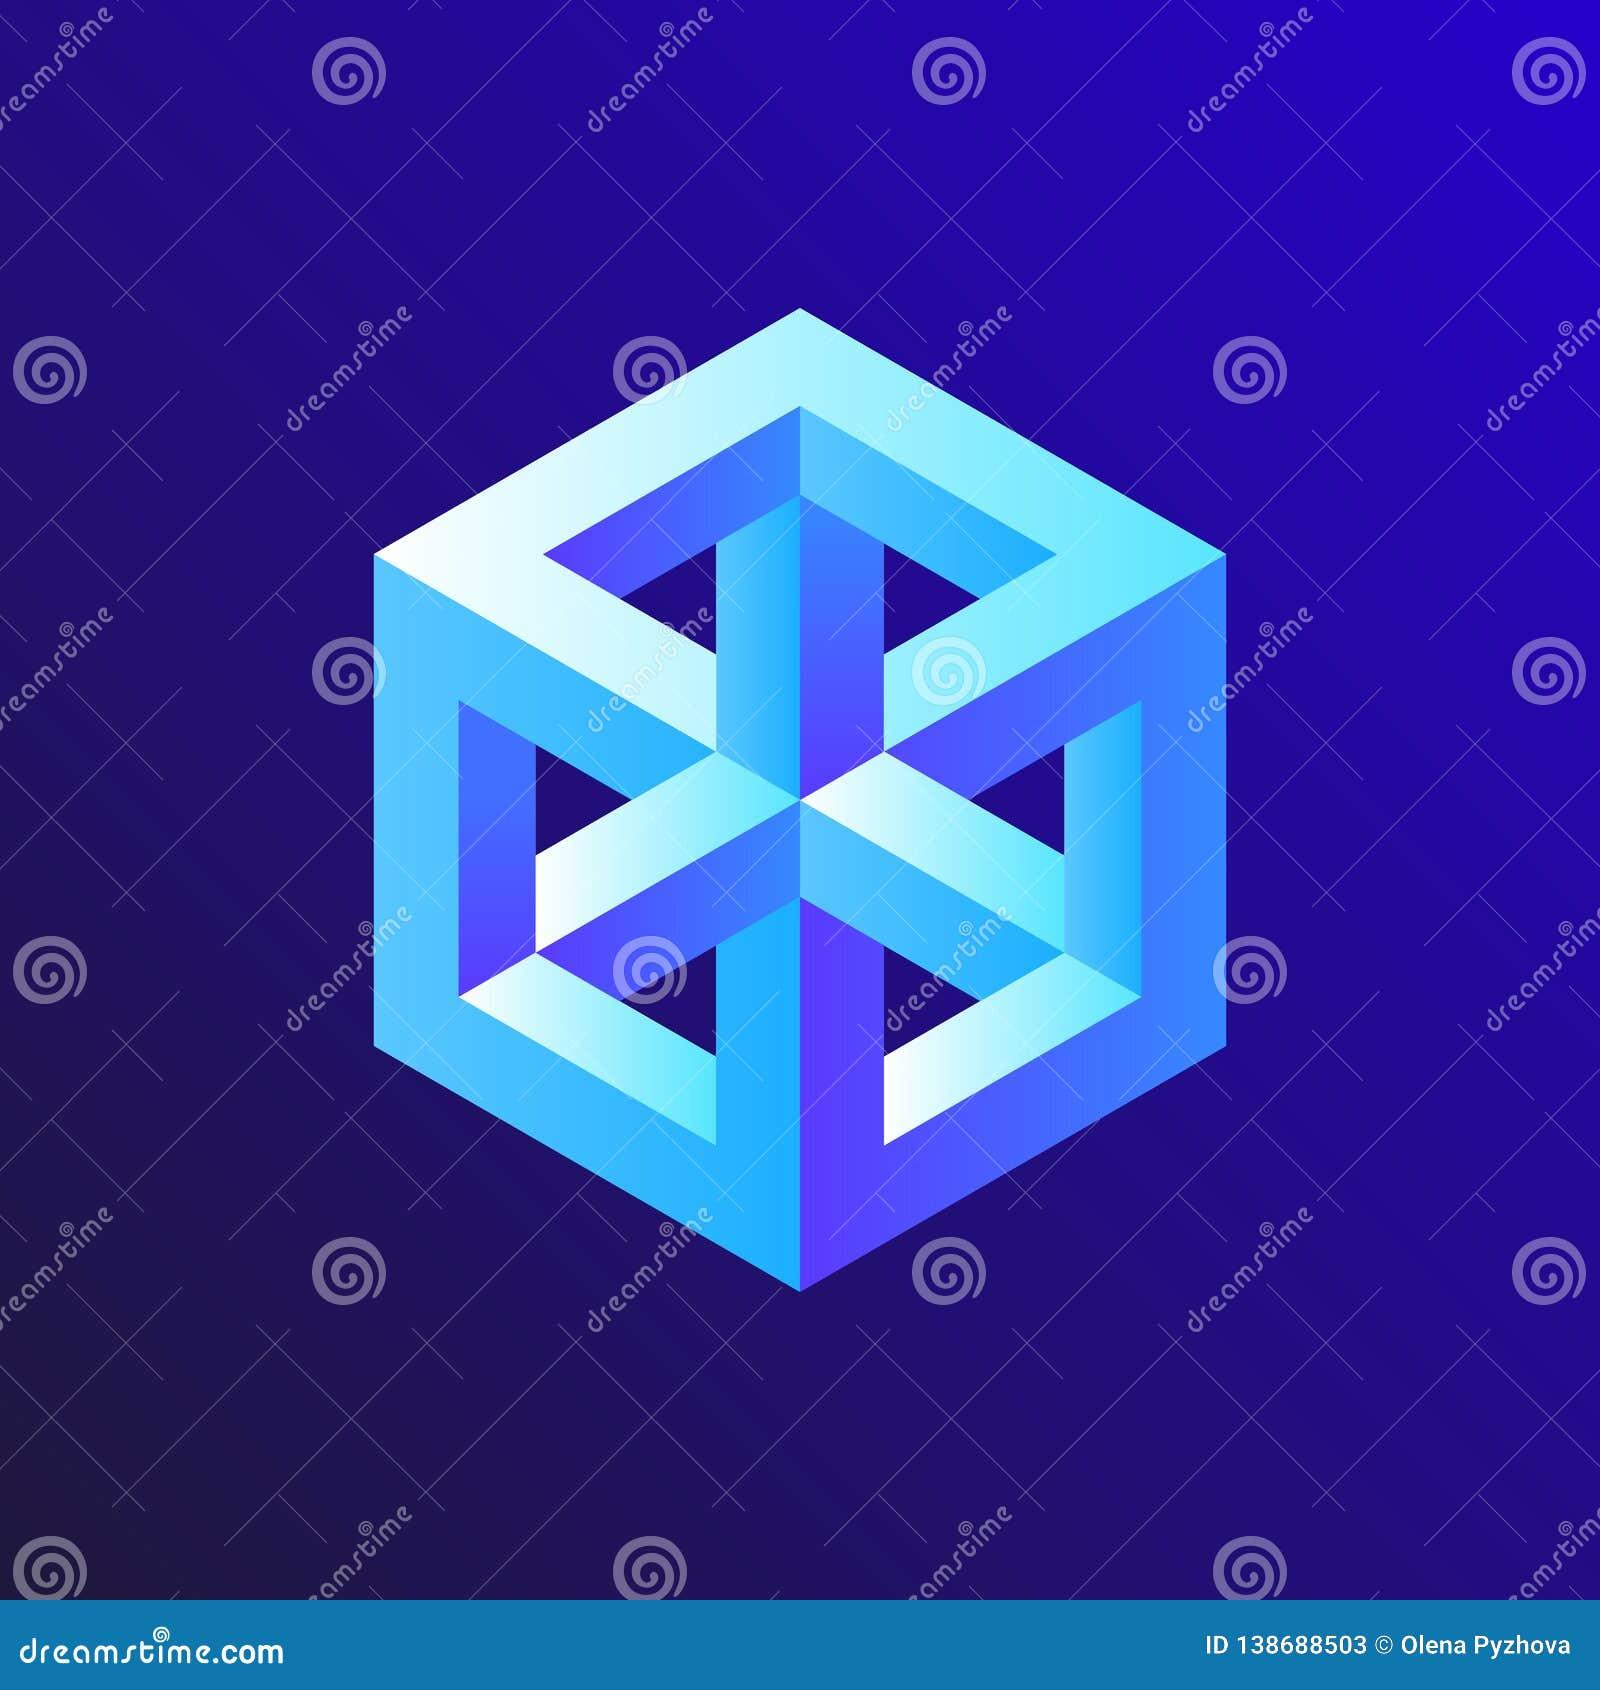 Ejemplo irreal del cubo de la ilusión óptica, dibujo isométrico